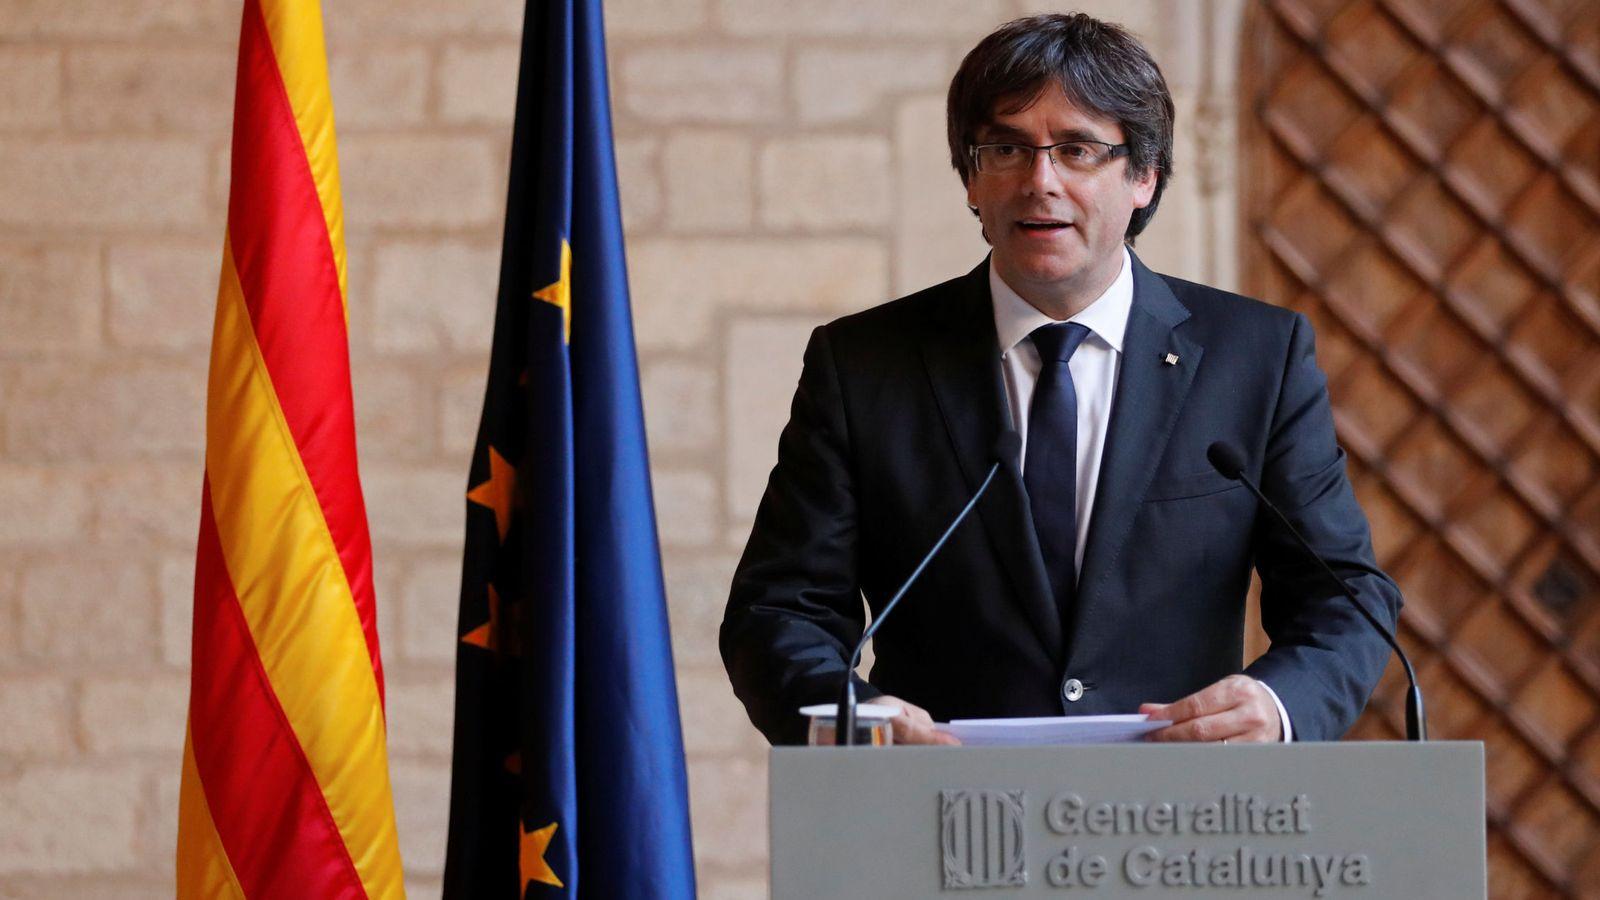 Foto: El presidente de la Generalitat, Carles Puigdemont, durante su comparecencia. (Reuters)